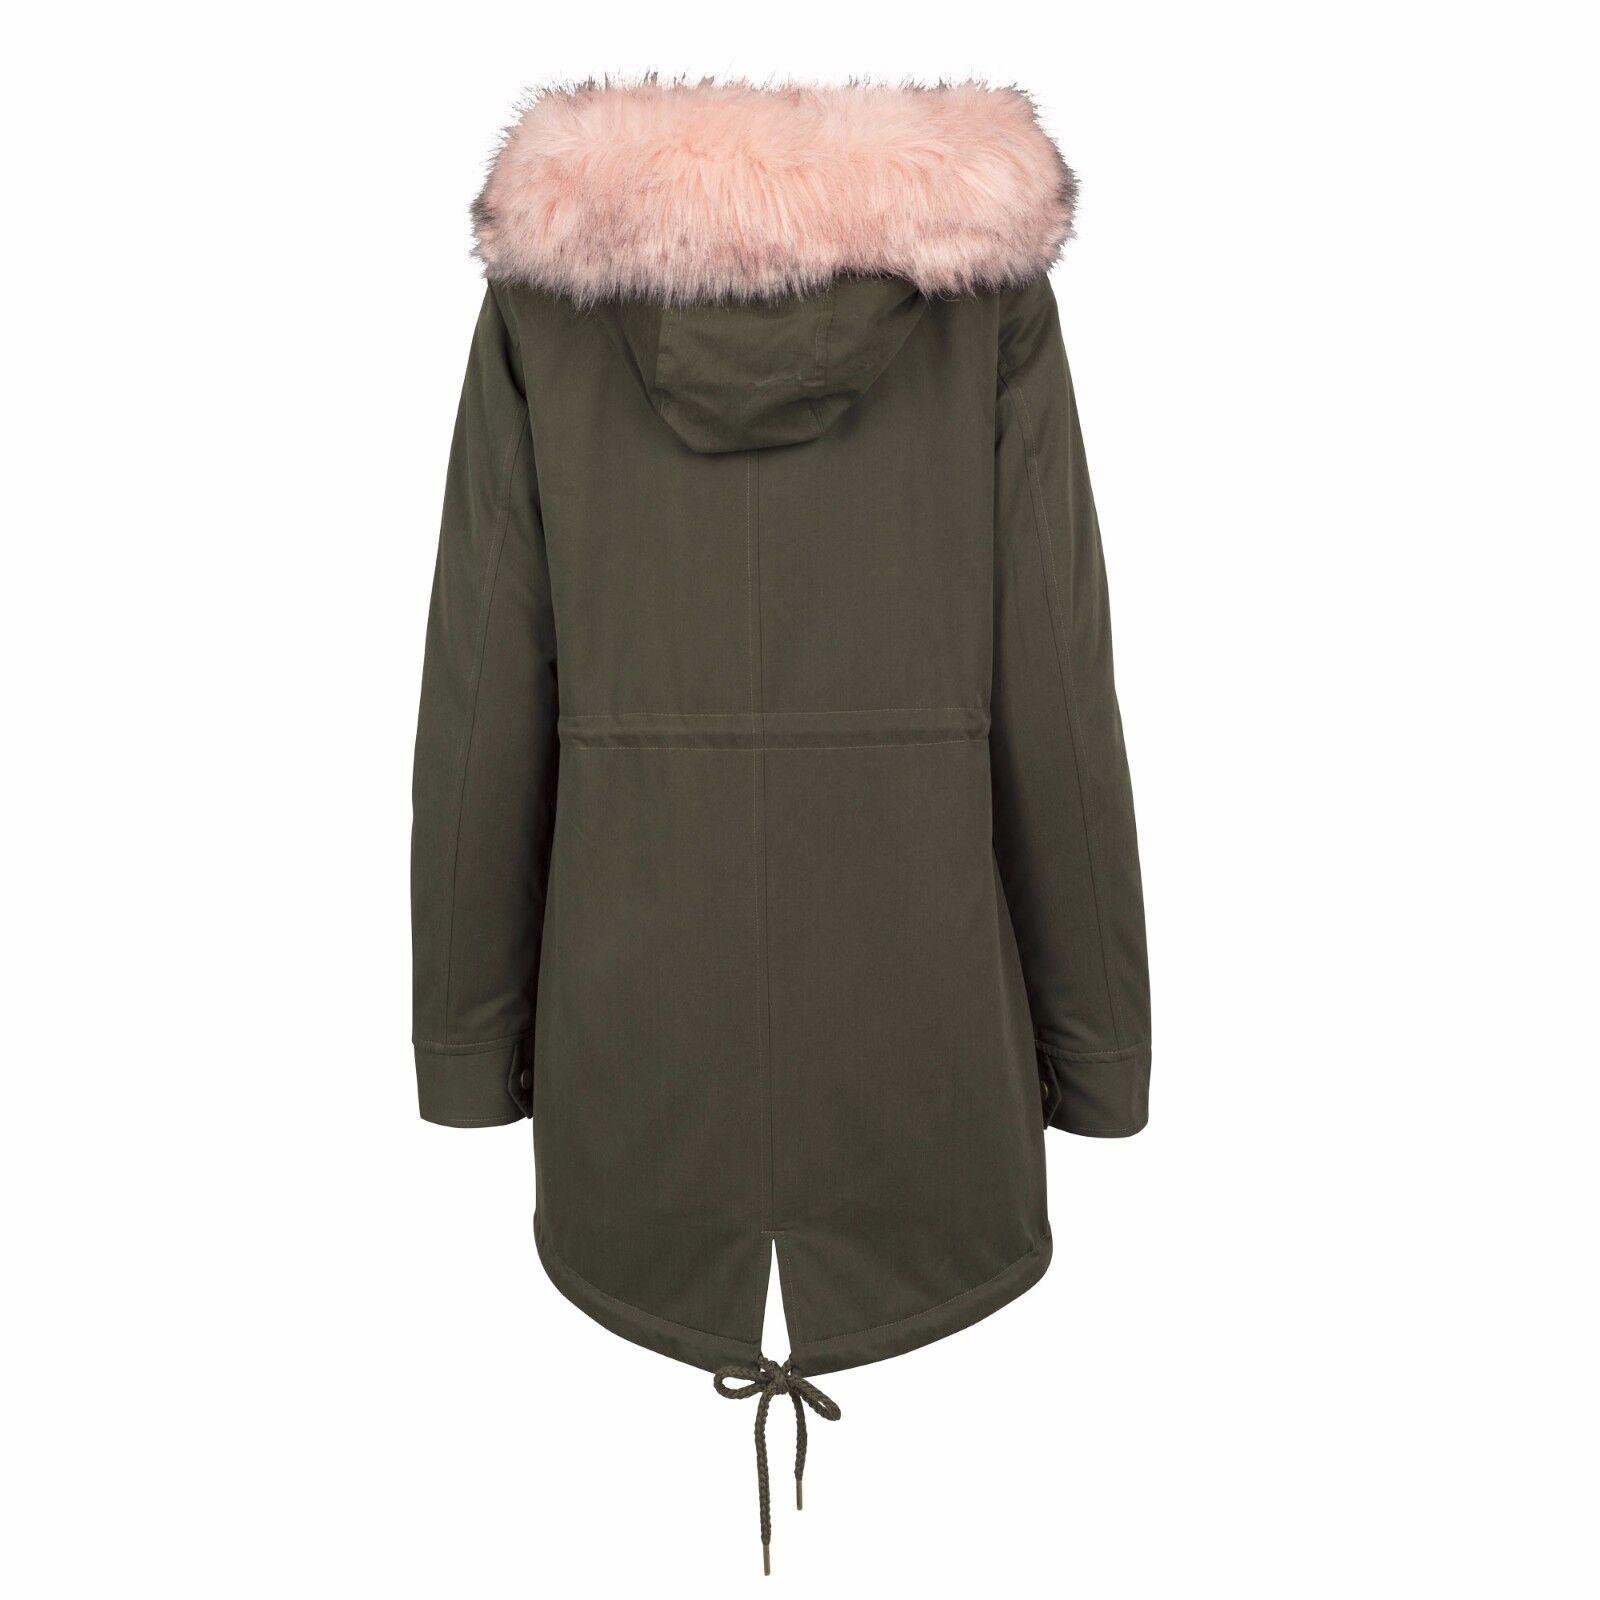 Urban Classics Bélés Női kabát Parka kabát kabát Téli Női dzseki Hangulatos  bélés Hood XS - XLsablon - urbandreamzltd fc36b8119a